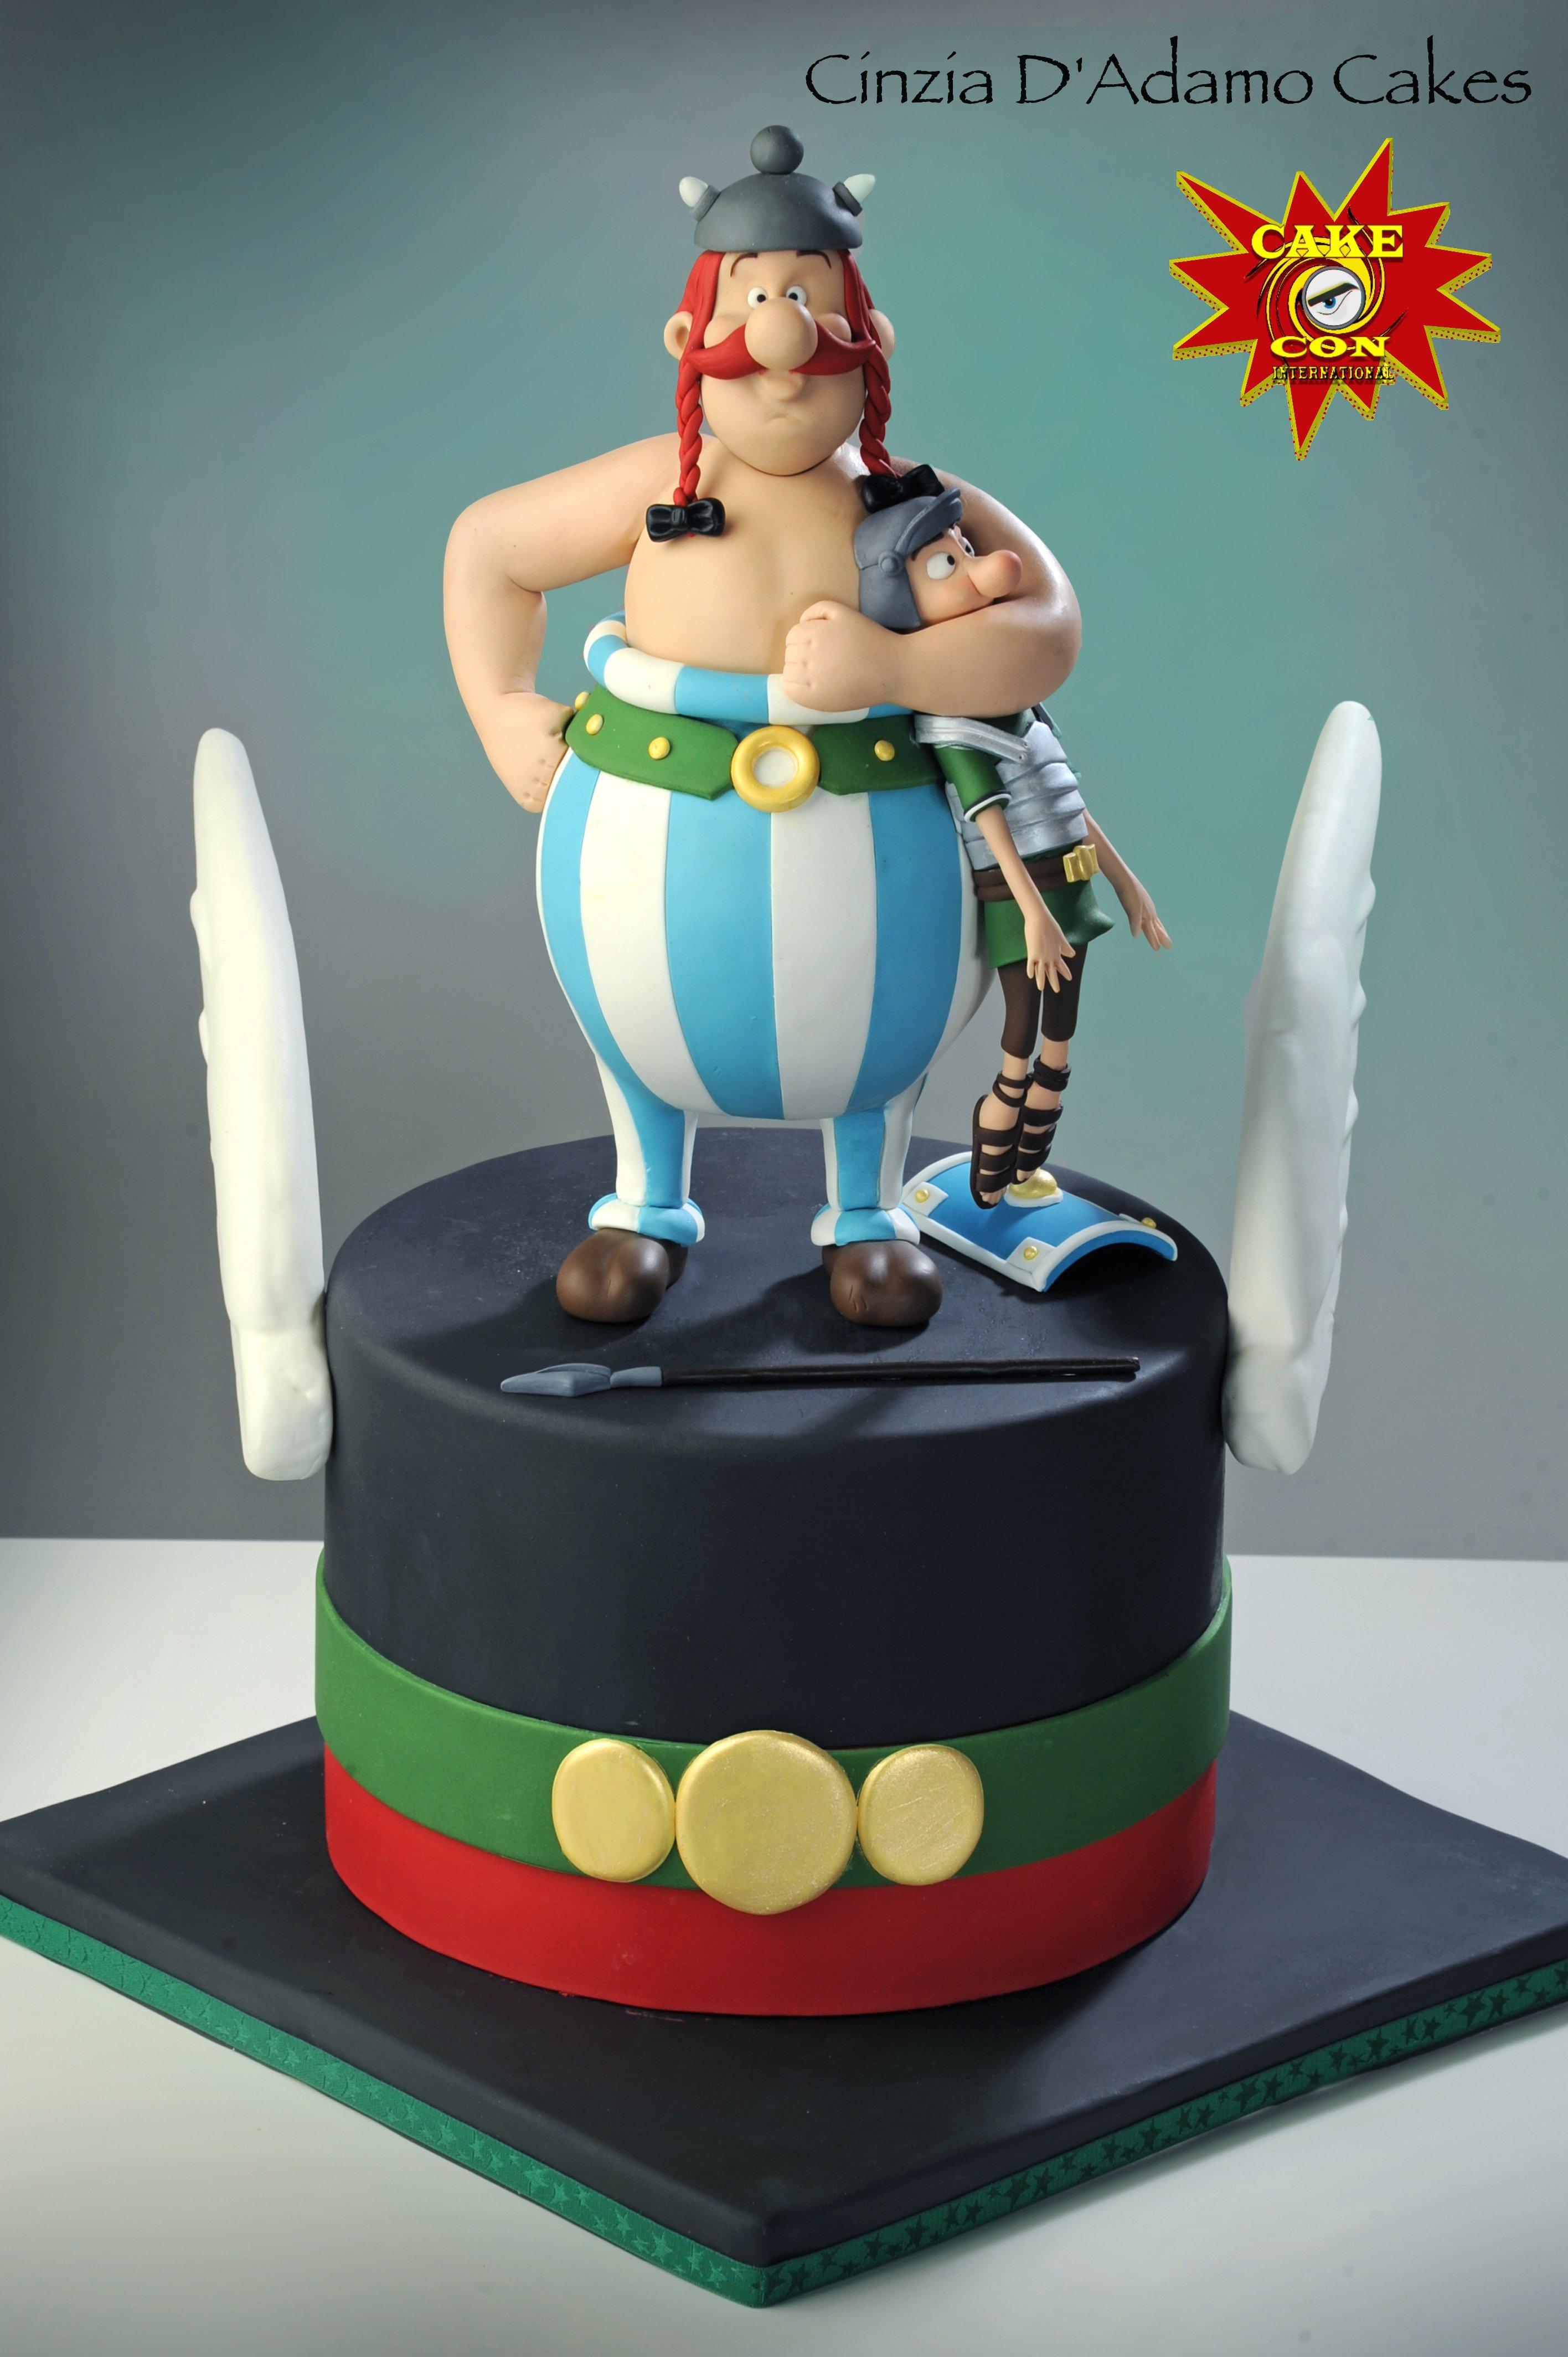 Cake-Con-Cinzia-DAdamo.jpg#asset:17957